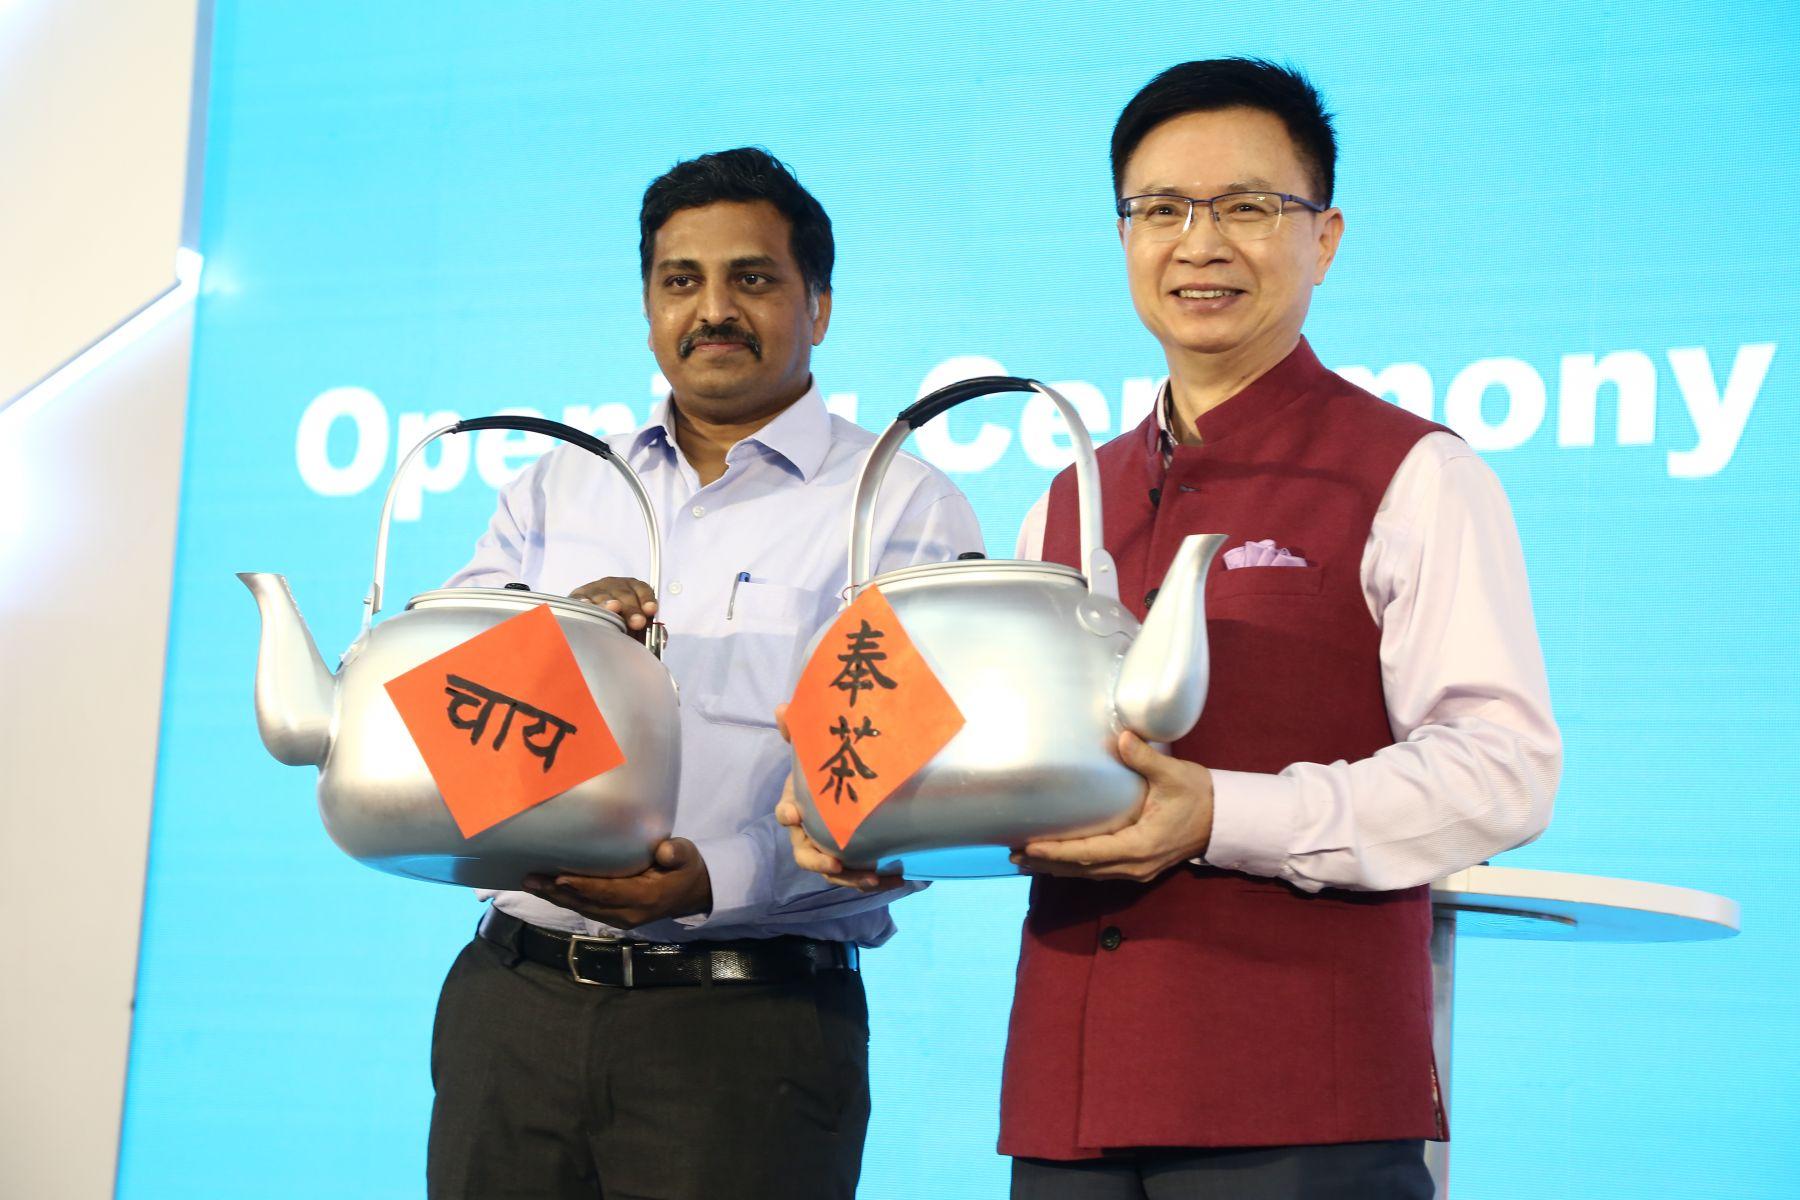 外貿協會黃志芳董事長及印度商工部 Shri Praveen Bonigala司長各以中文及印度語揮毫寫下茶